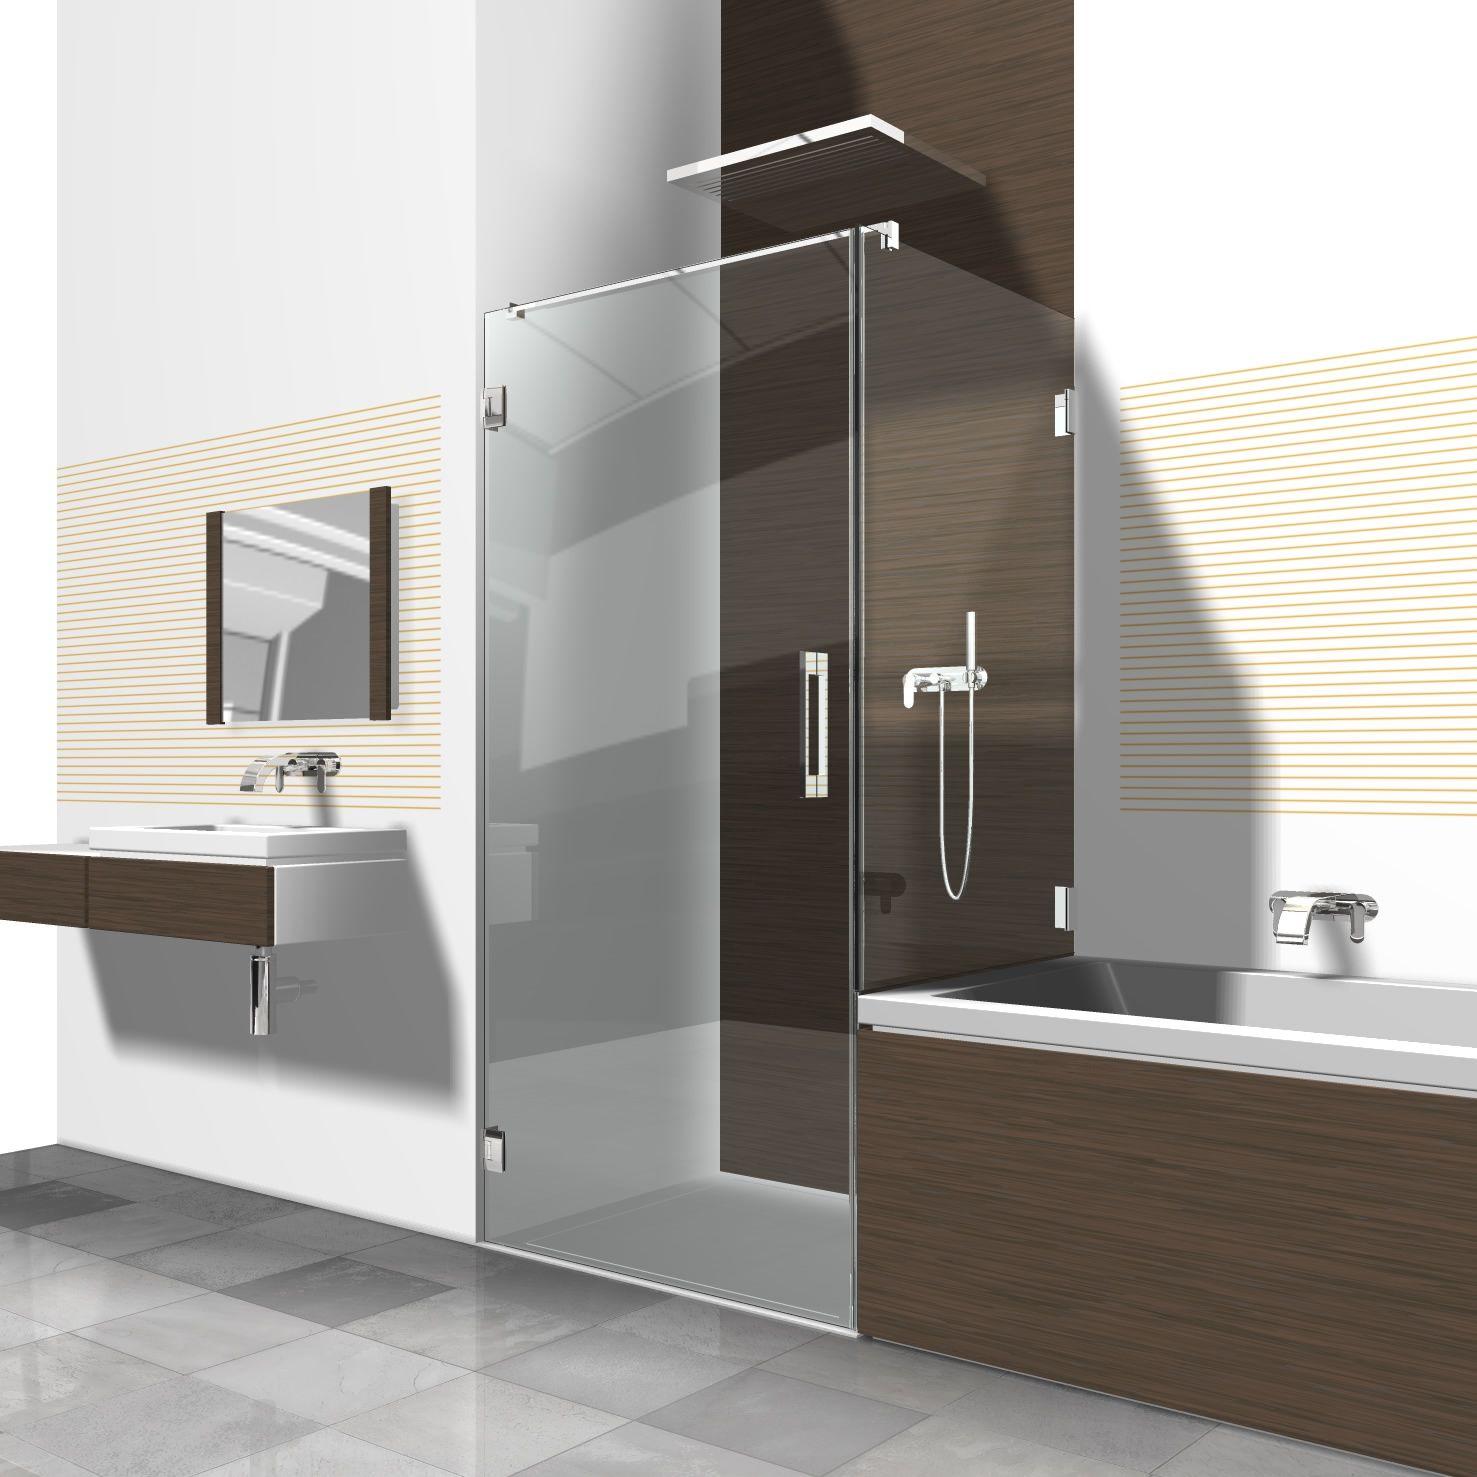 Badezimmer ideen mit wanne duschabtrennung glas neben badewanne  moderne bäder  pinterest  world